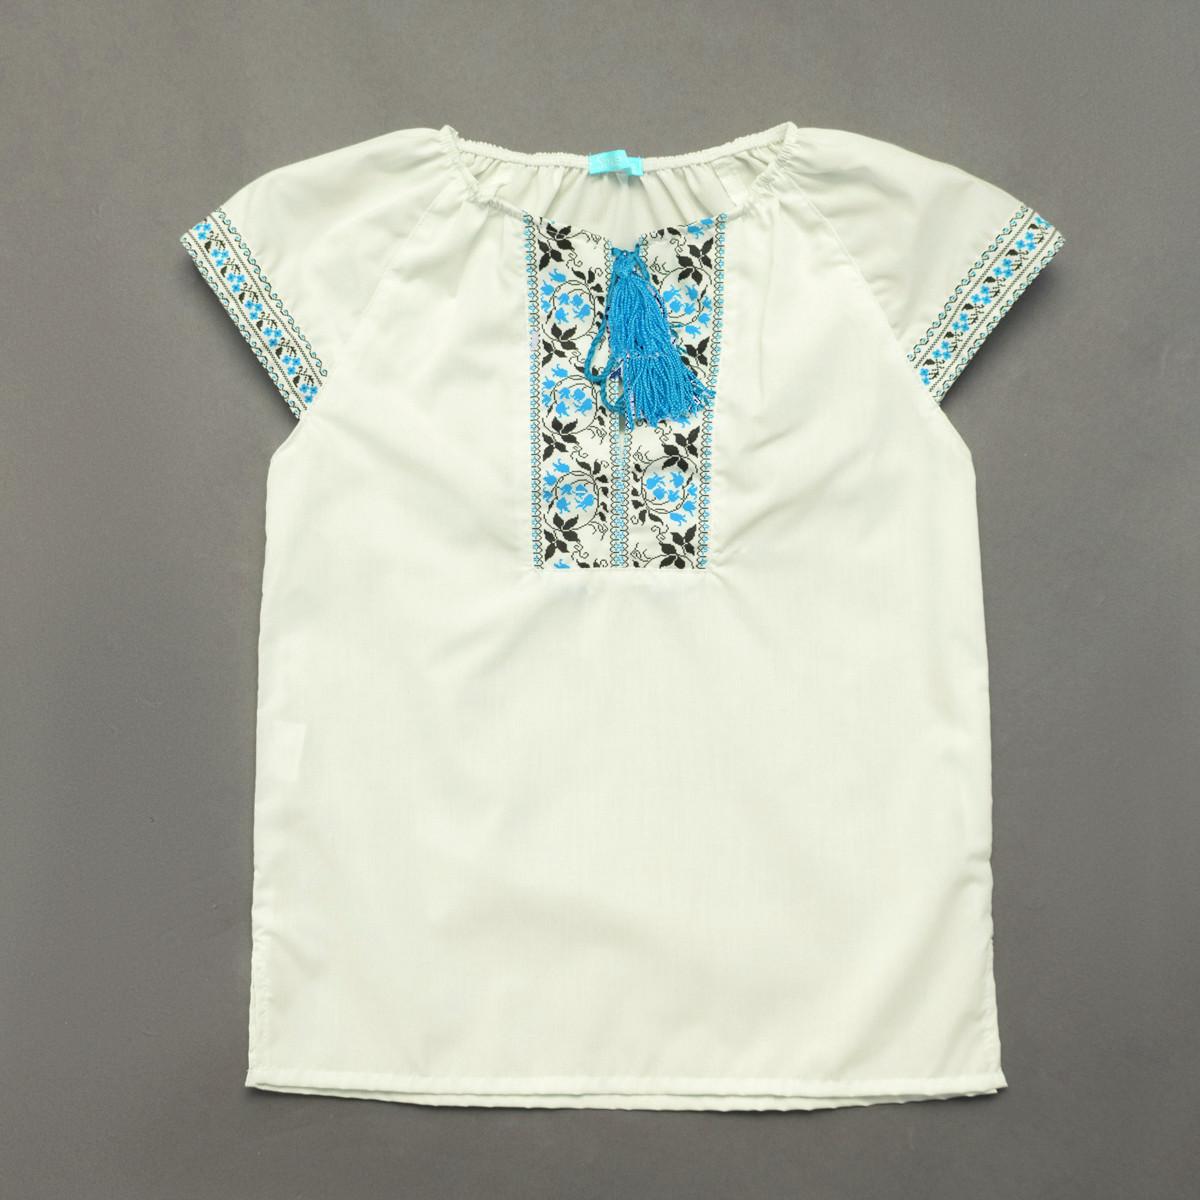 Вышиванка для девочки SmileTime Ethnic, голубой узор